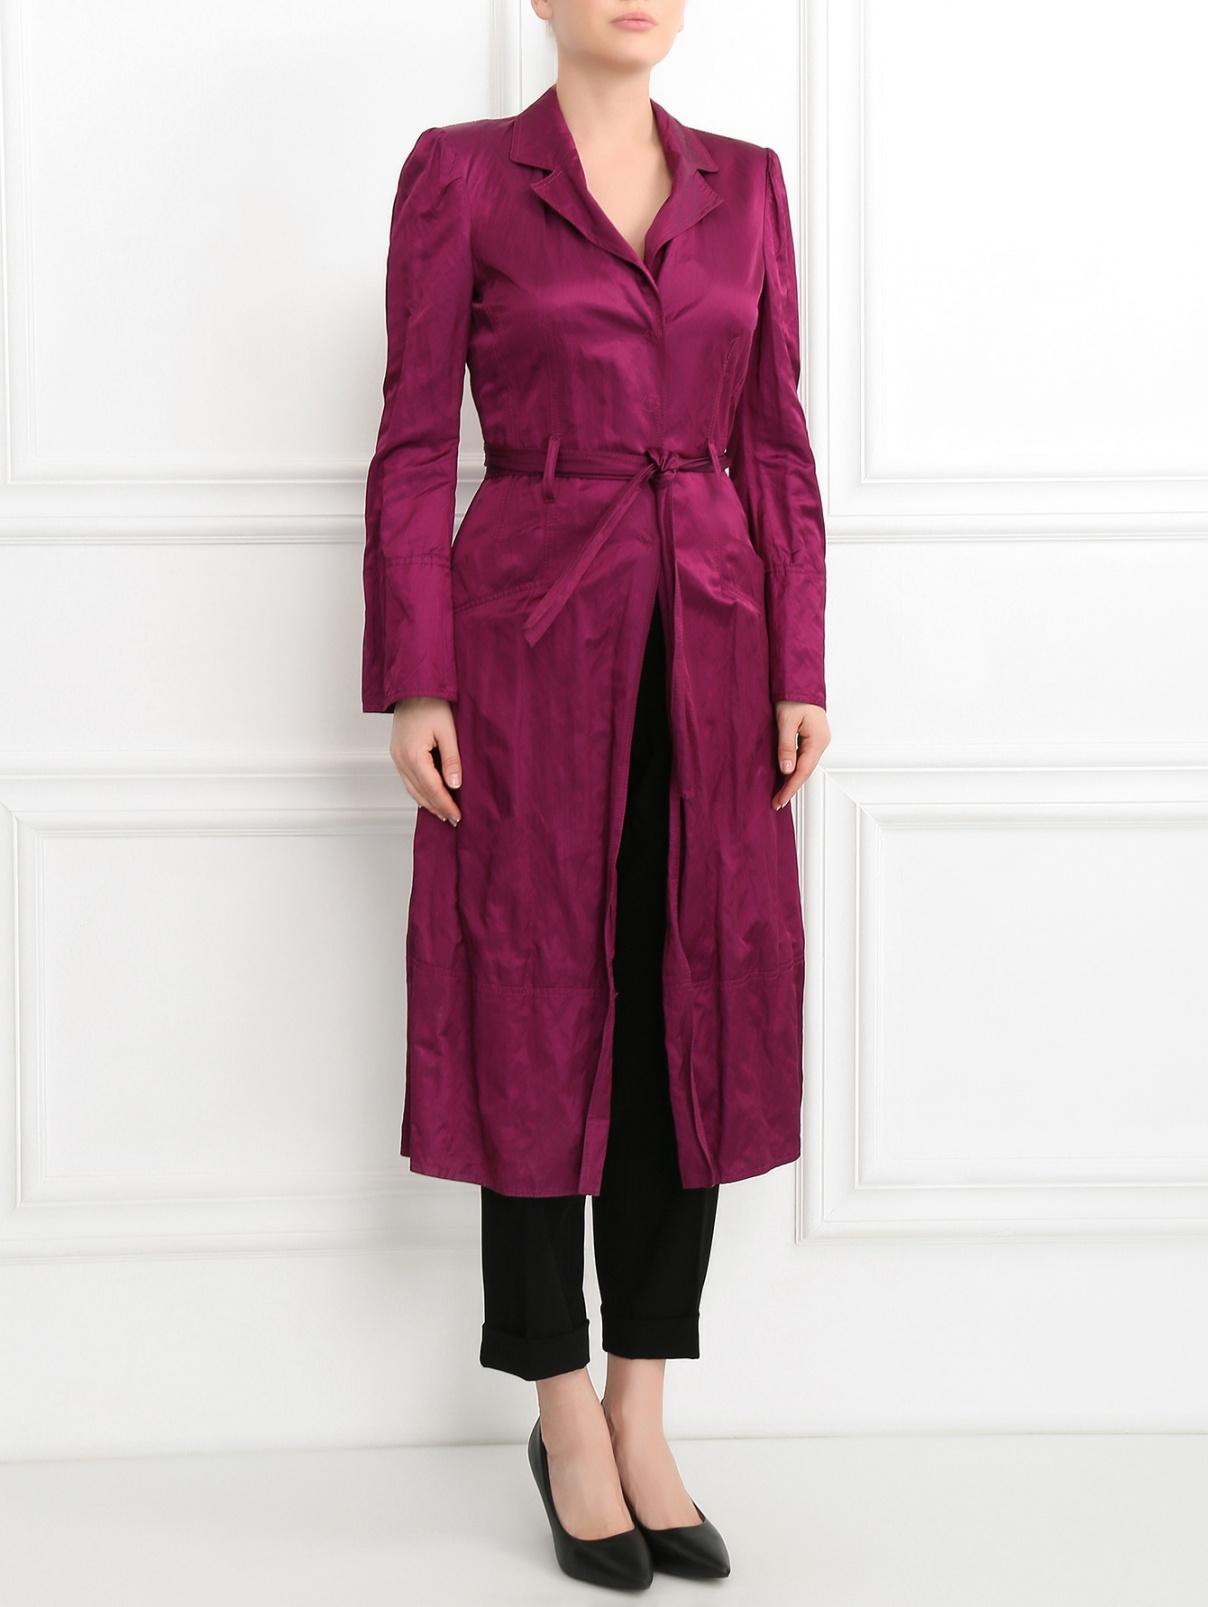 Плащ с расклешенными рукавами Mariella Burani  –  Модель Общий вид  – Цвет:  Фиолетовый